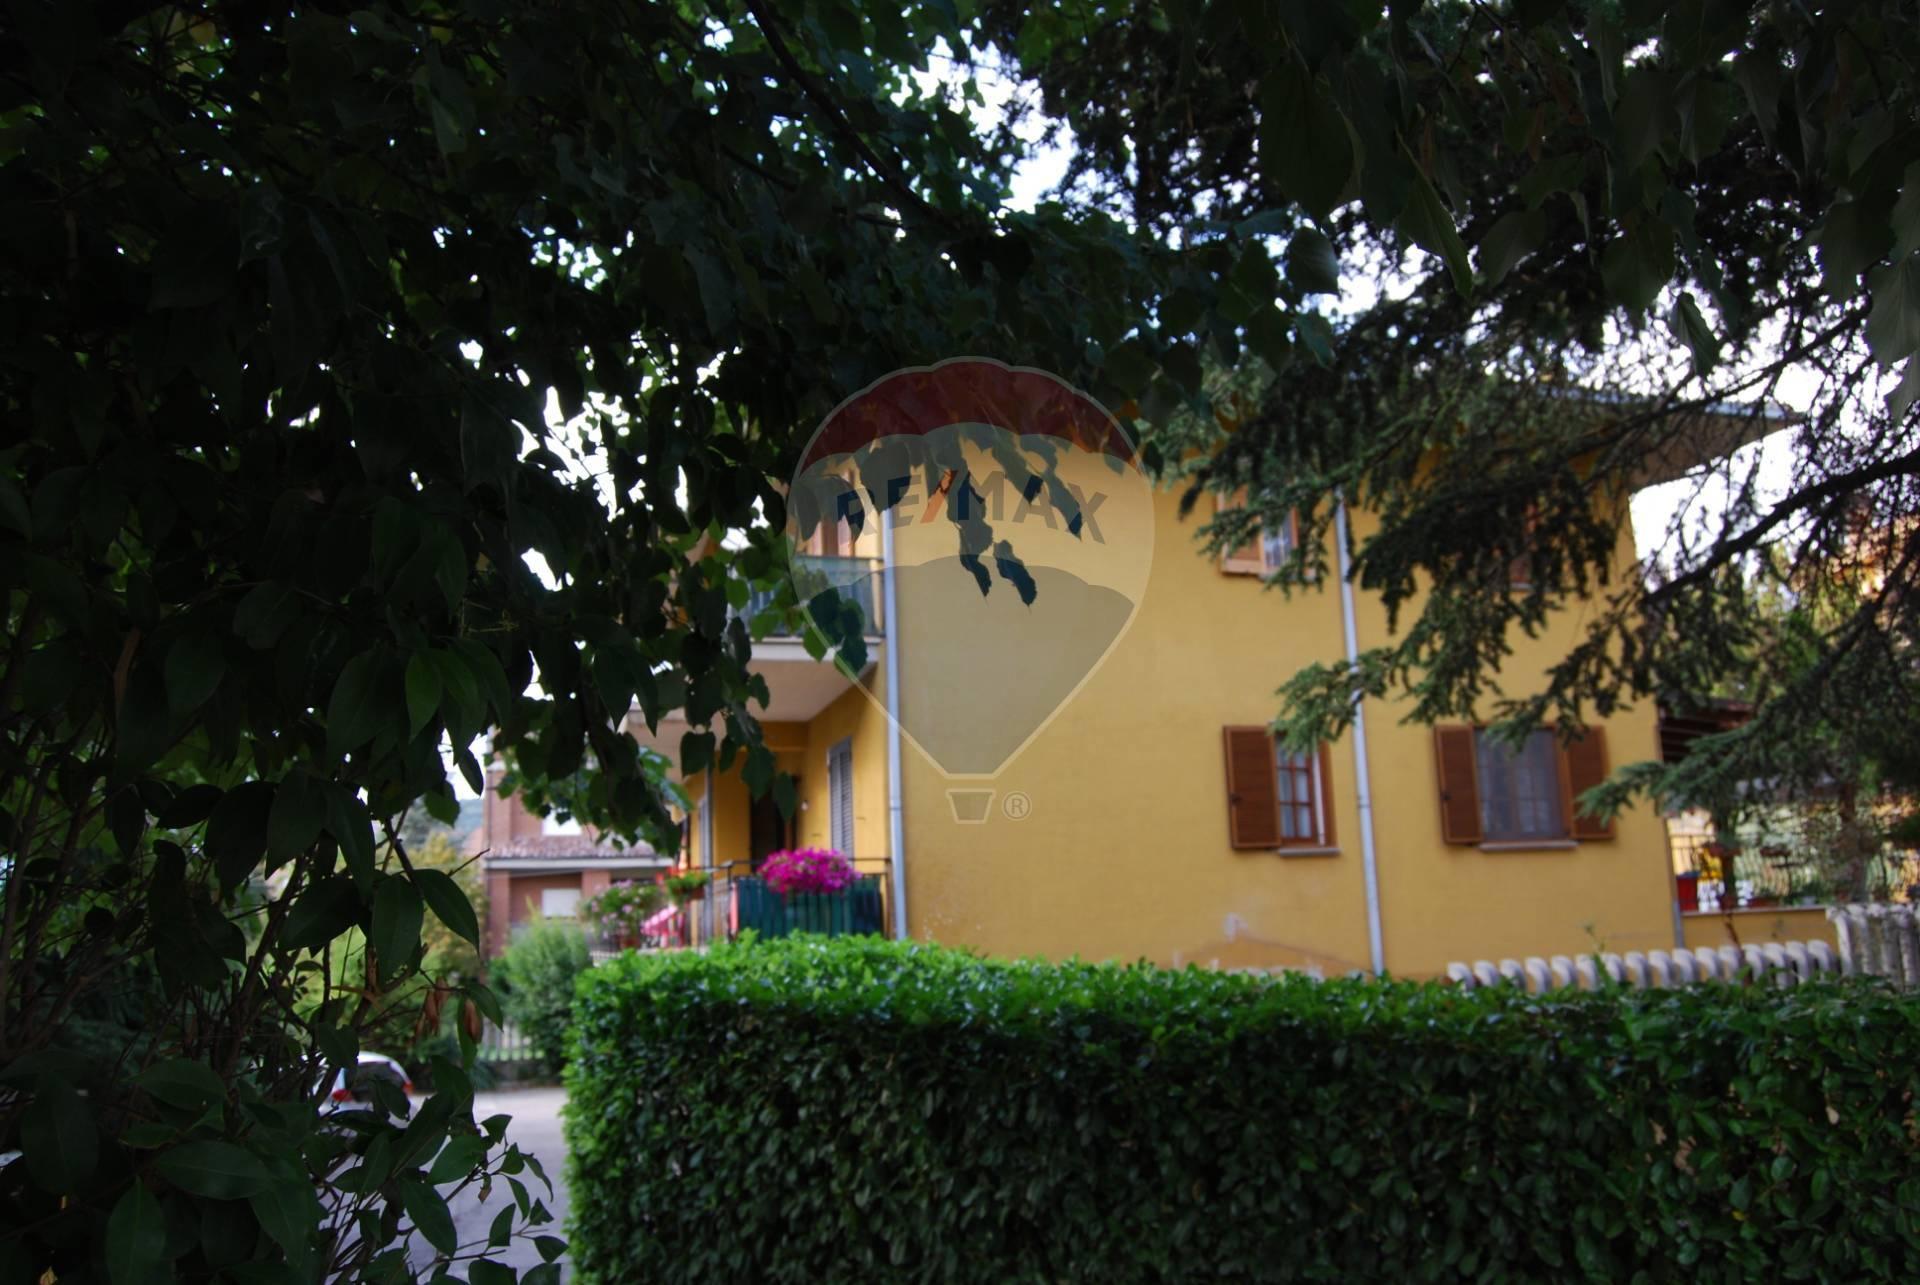 Appartamento in vendita a L'Aquila, 5 locali, zona atessa, prezzo € 139.000 | PortaleAgenzieImmobiliari.it